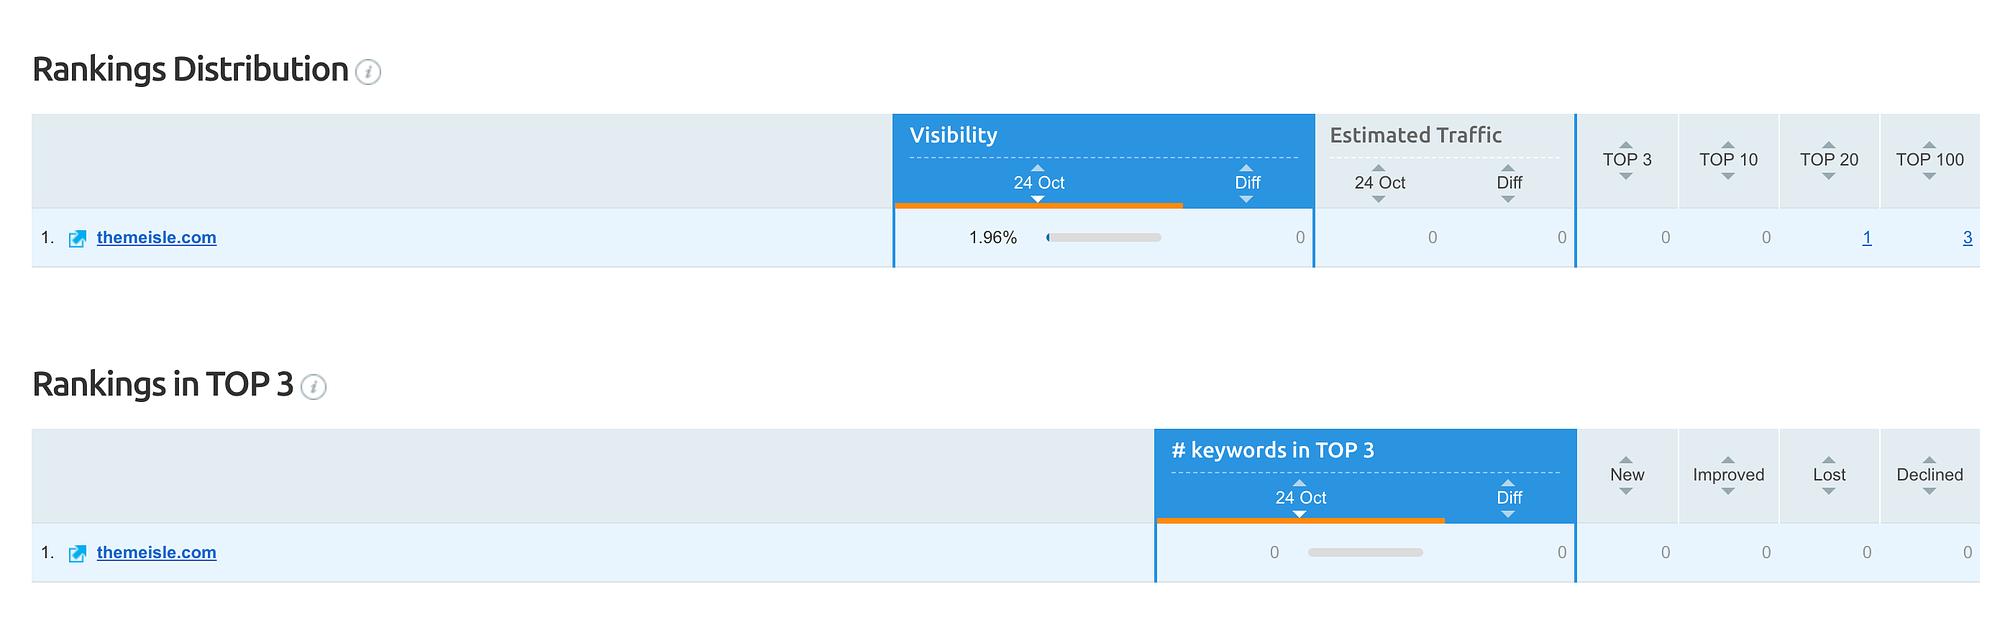 semrush ranking distribution